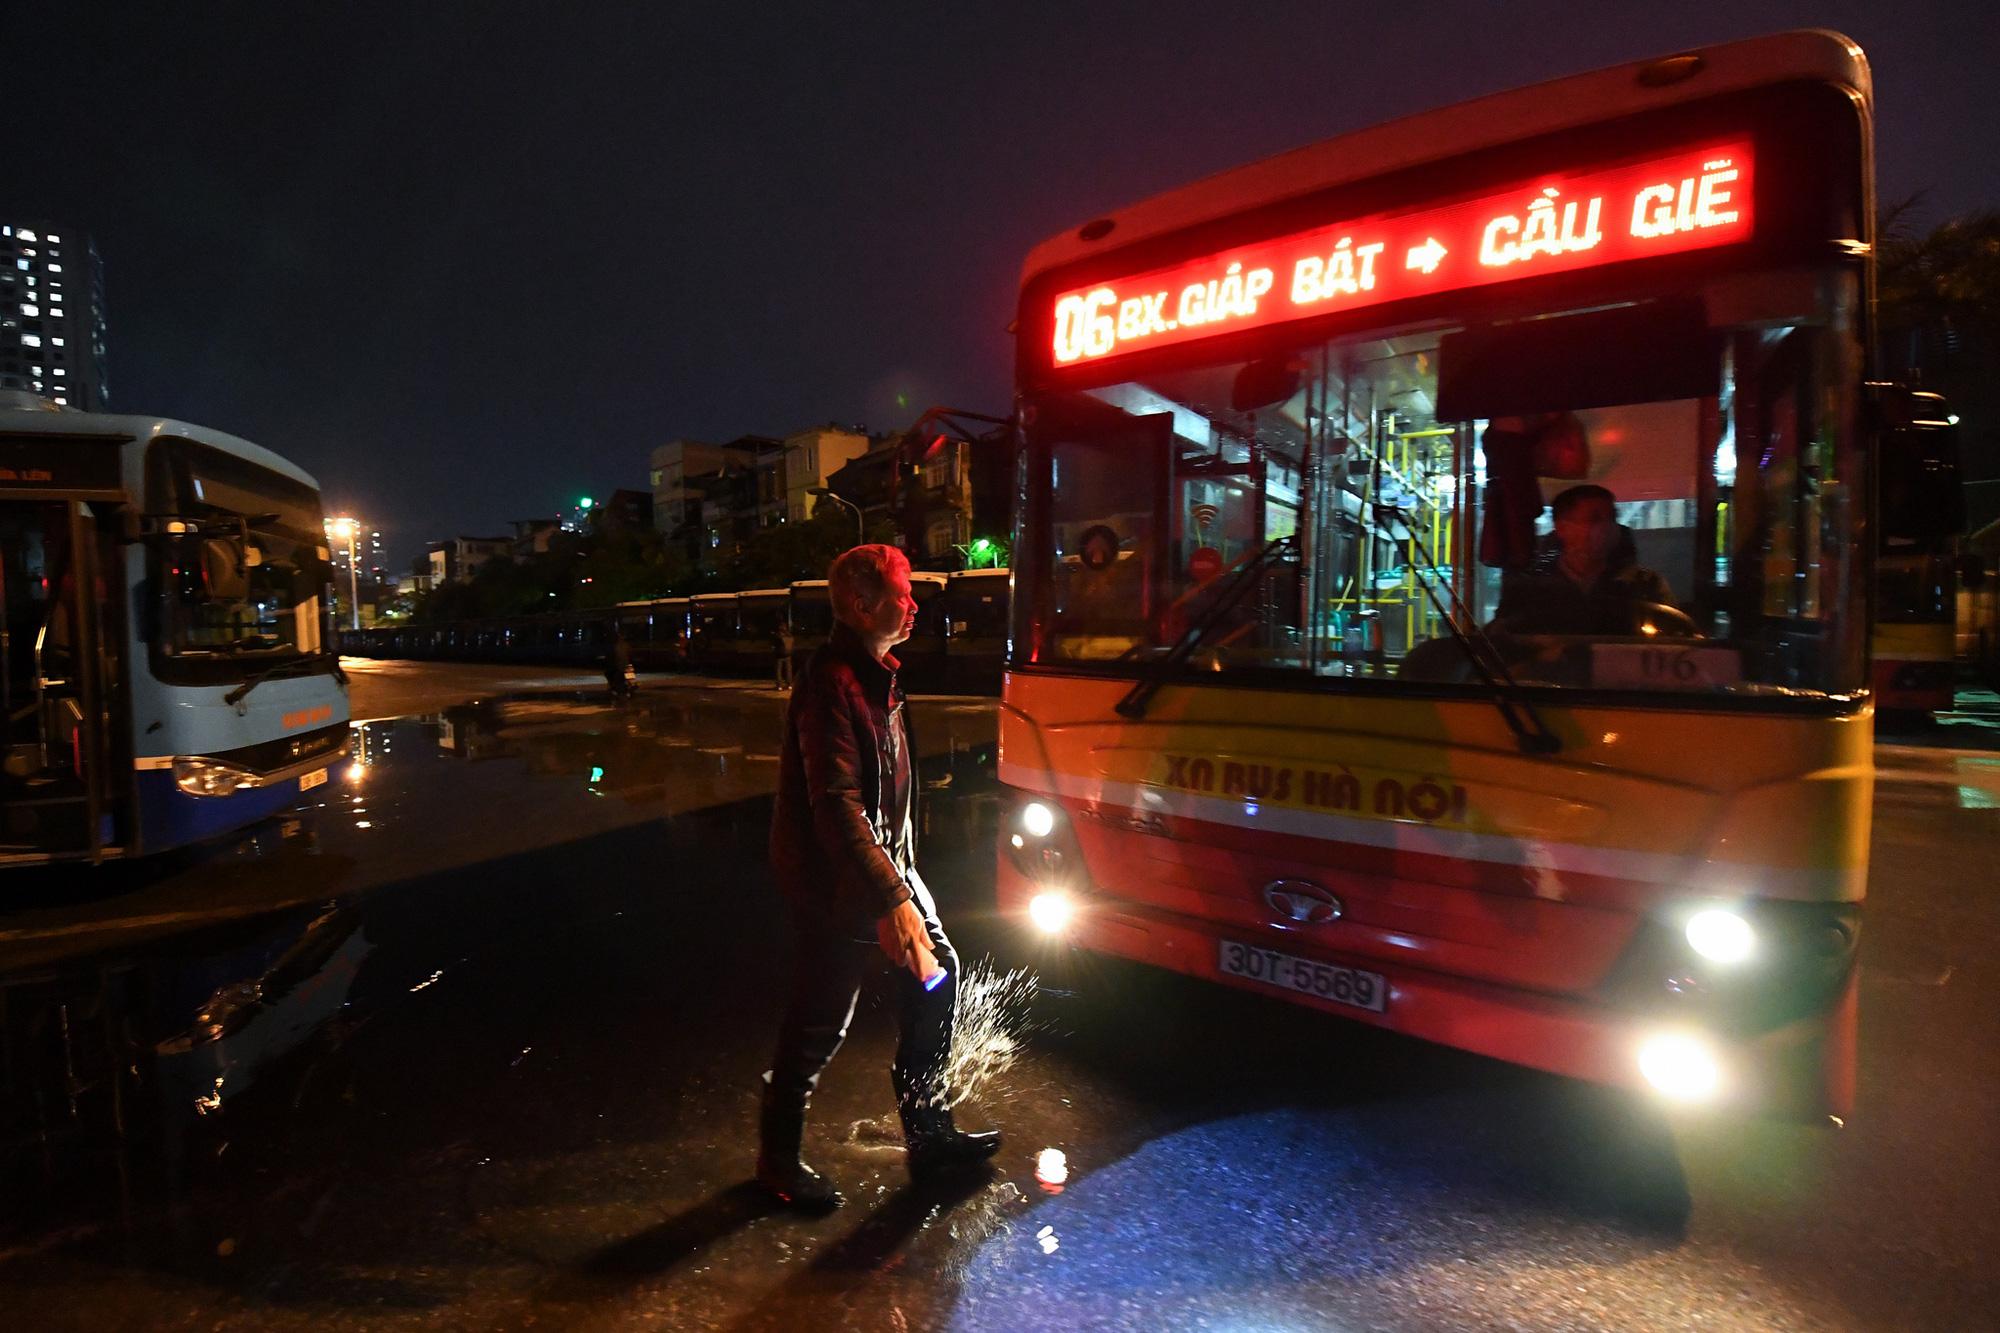 [ẢNH] Vẻ đẹp của gần 200 xe buýt tập kết về bến xếp hàng trong đêm - Ảnh 10.